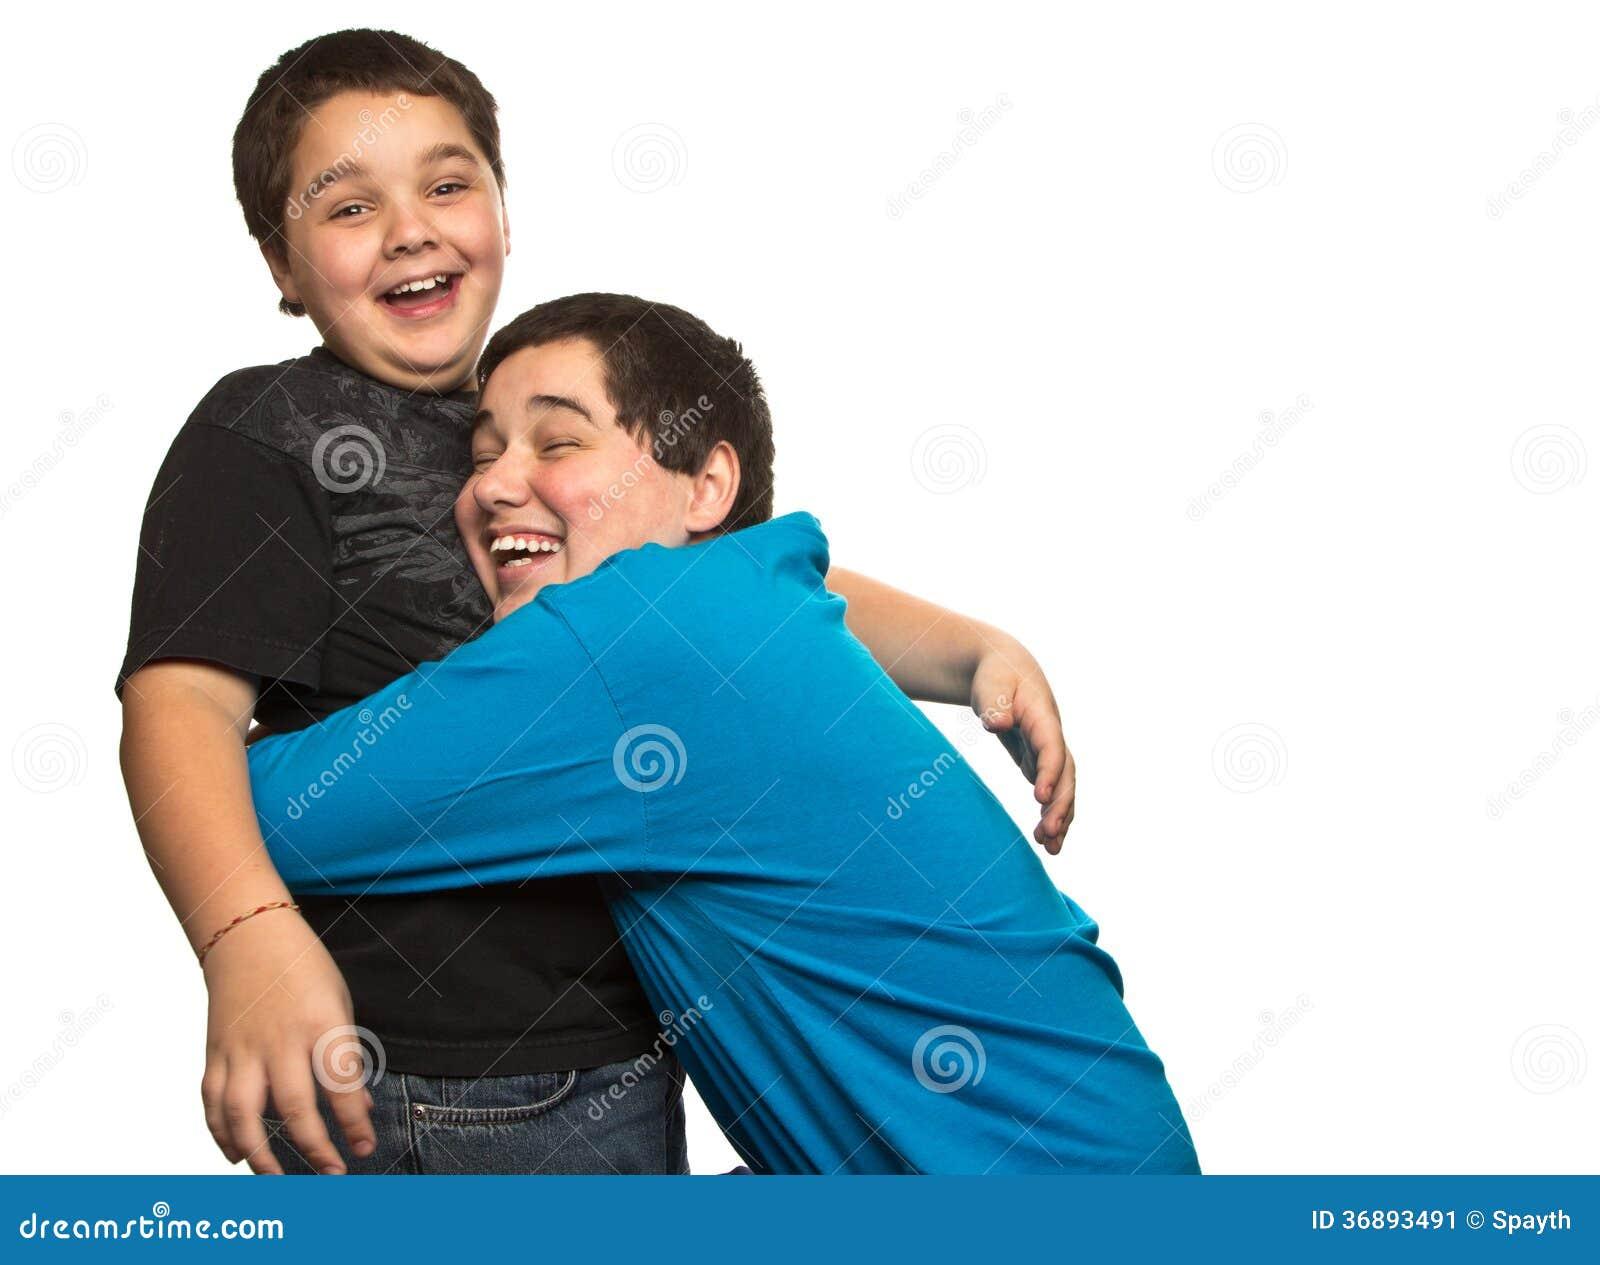 Download Abbraccio di sorpresa immagine stock. Immagine di divertimento - 36893491